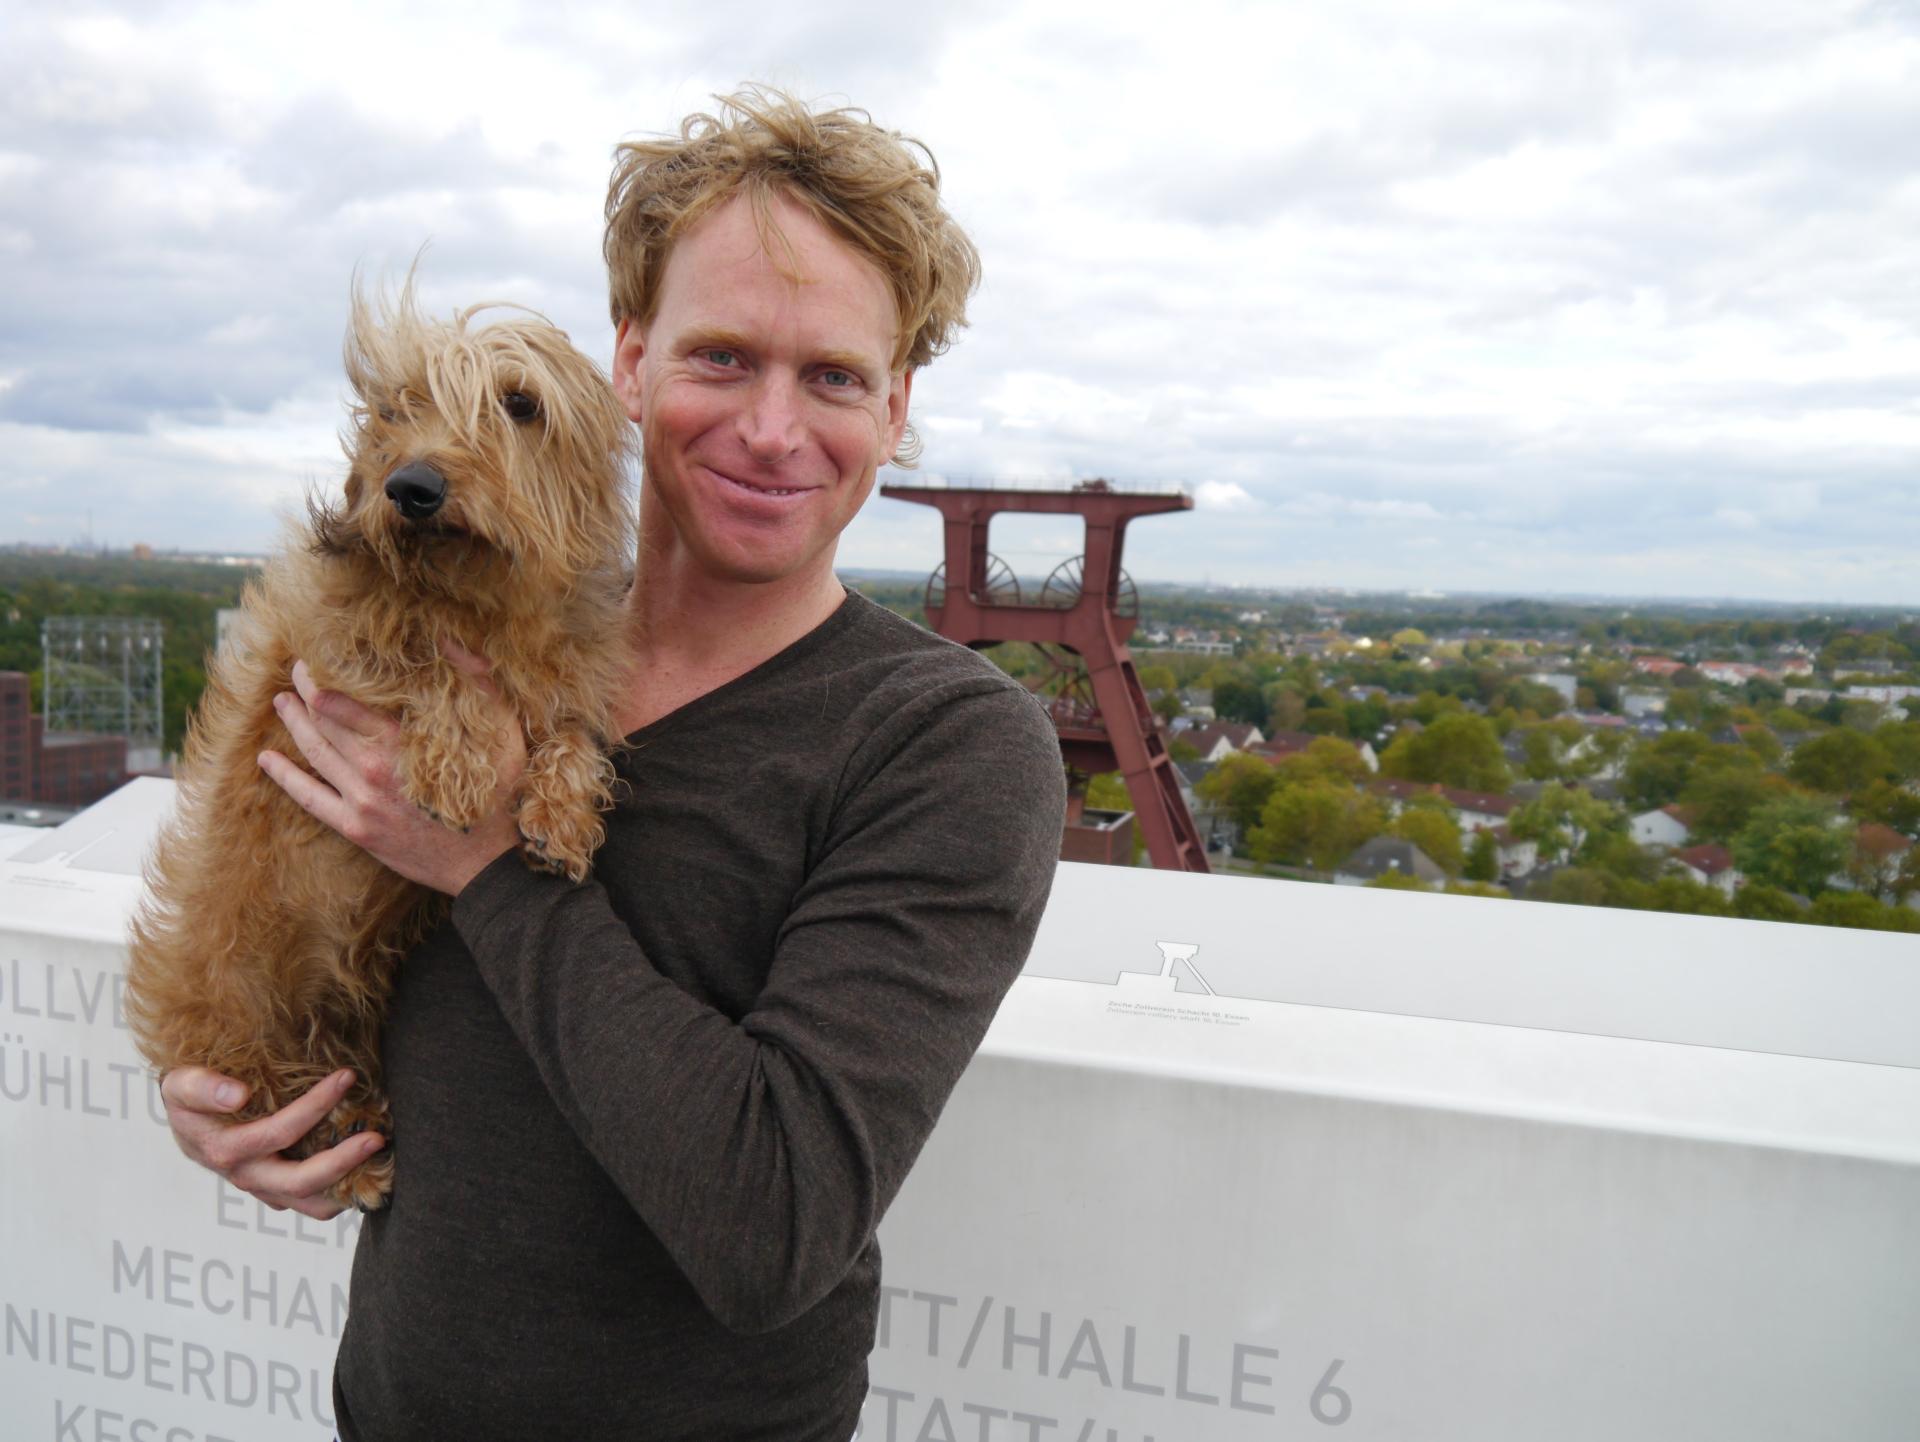 Tjerk Ridder mit Hund Dachs auf dem UNESCO-Weltkulturerbe Zeche Zollverein in Essen; Foto via Zollverein